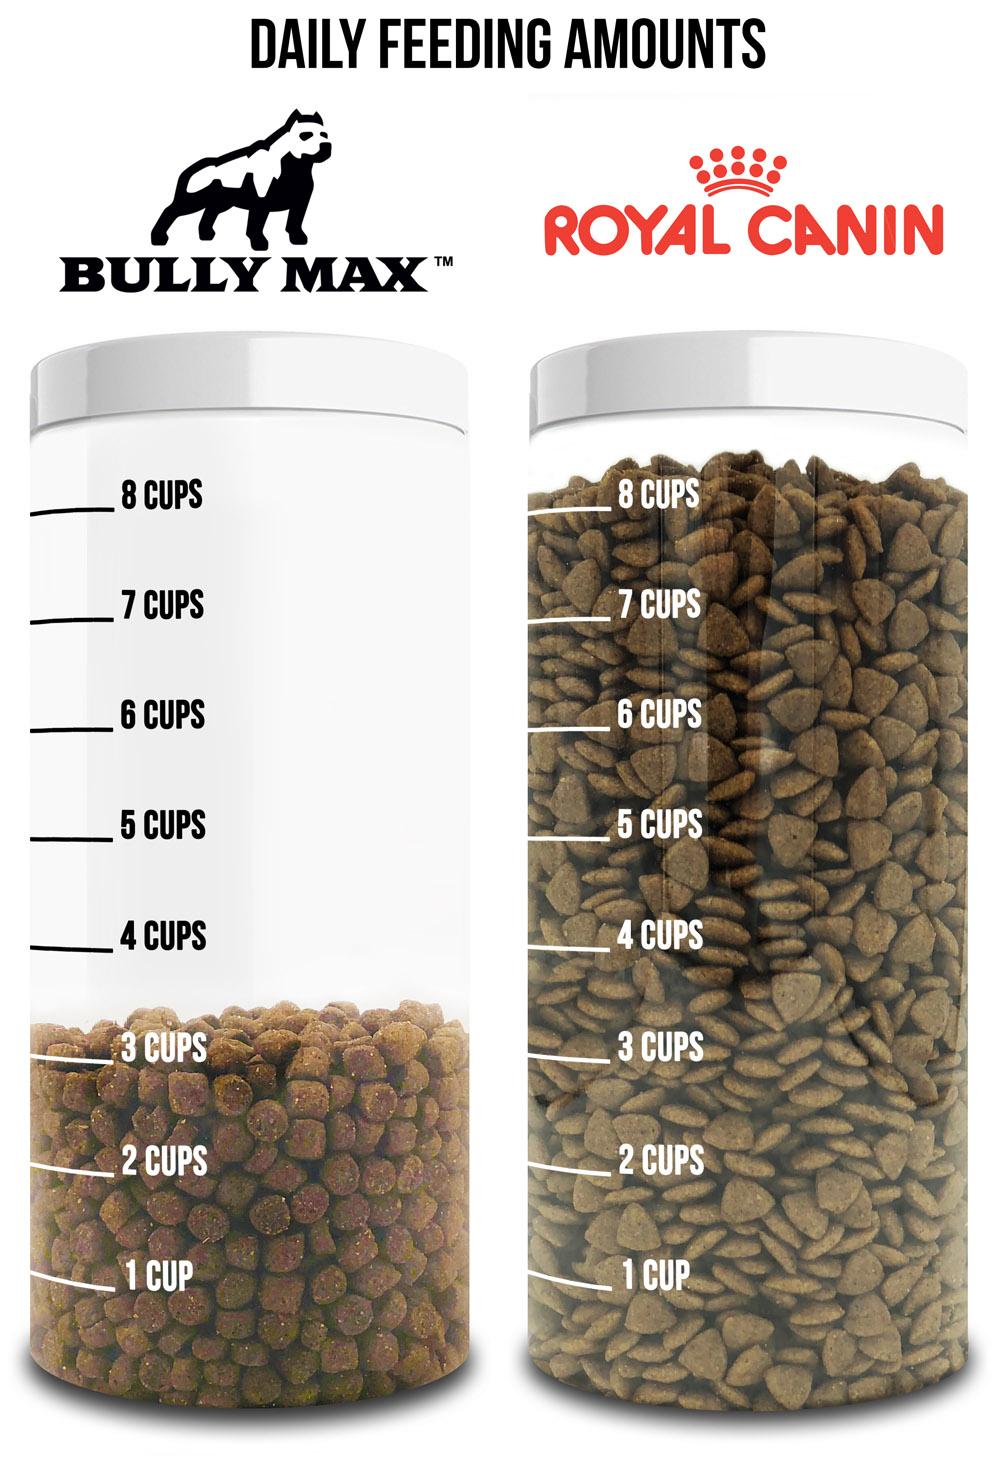 royal-canin-dog-food-vs-bully-max.jpg